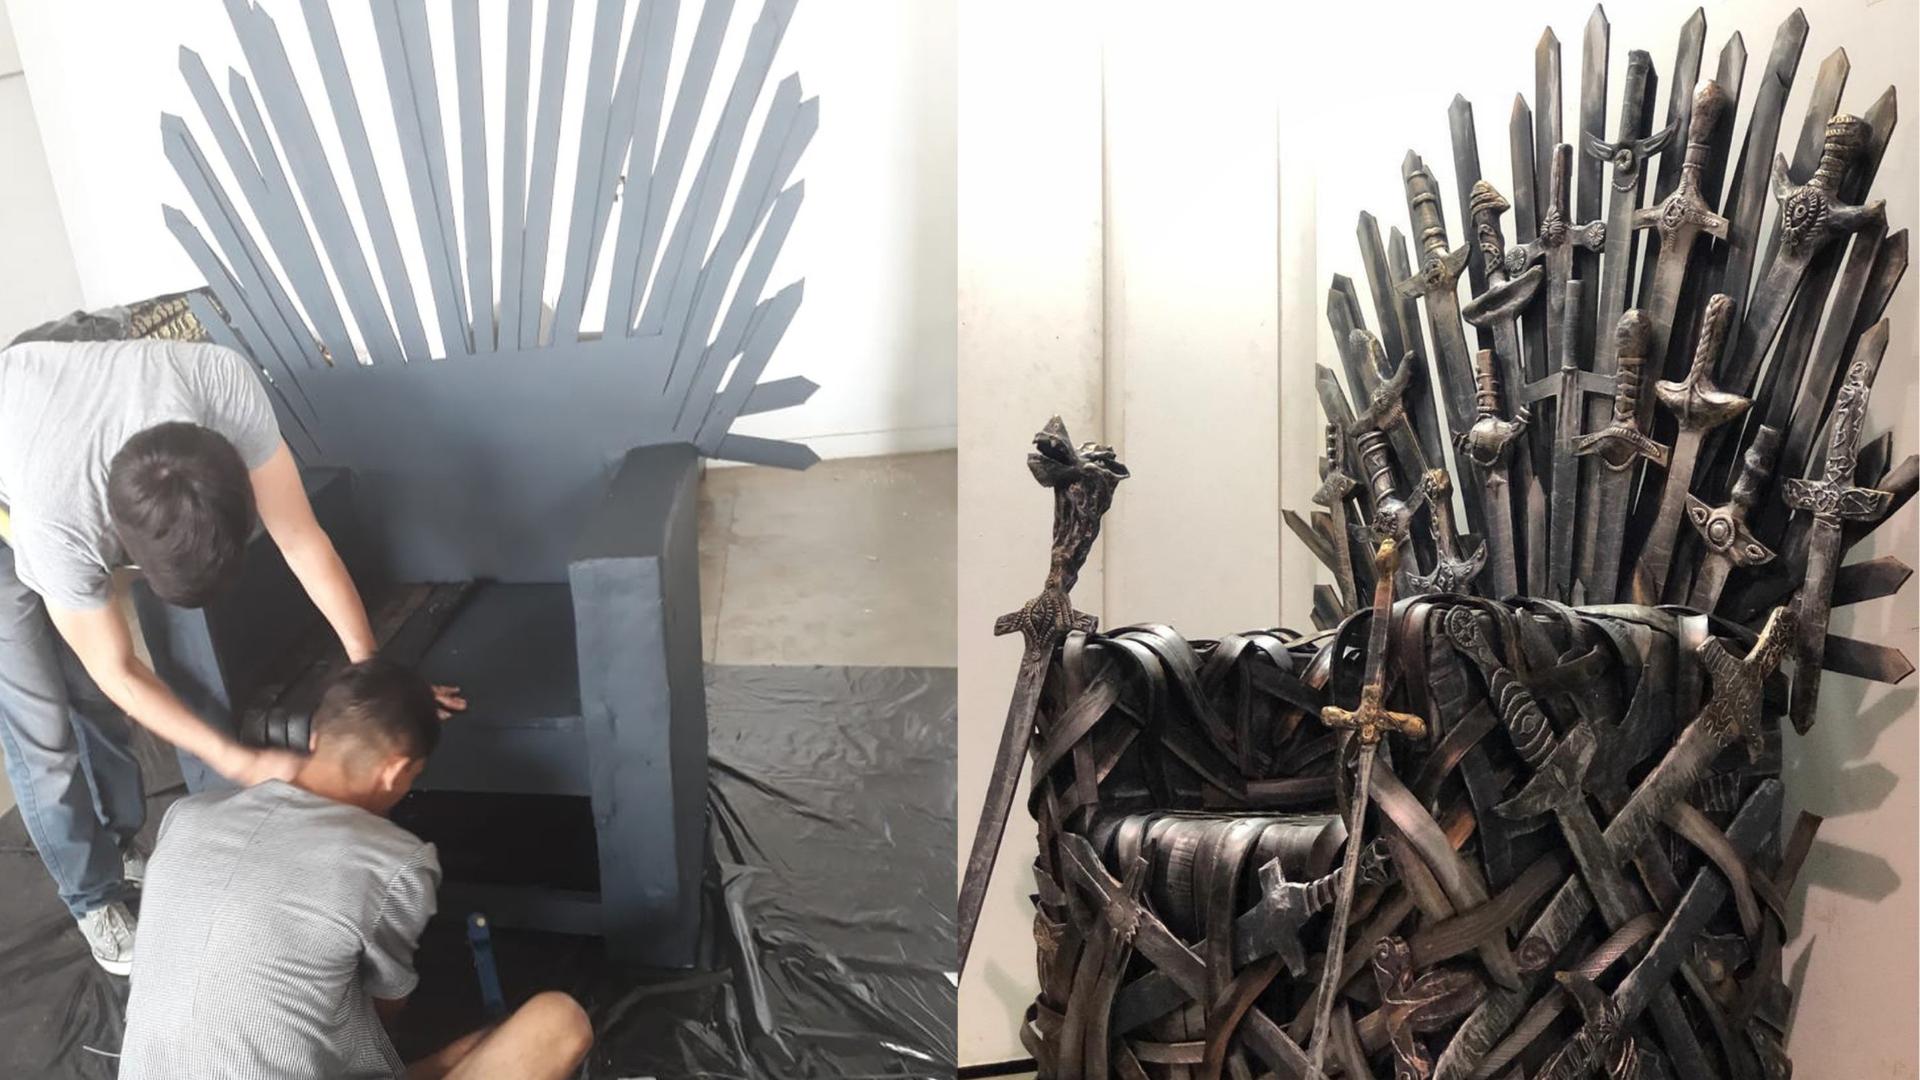 Estudantes Fazem Reproducao De Papelao De Trono De Game Of Thrones